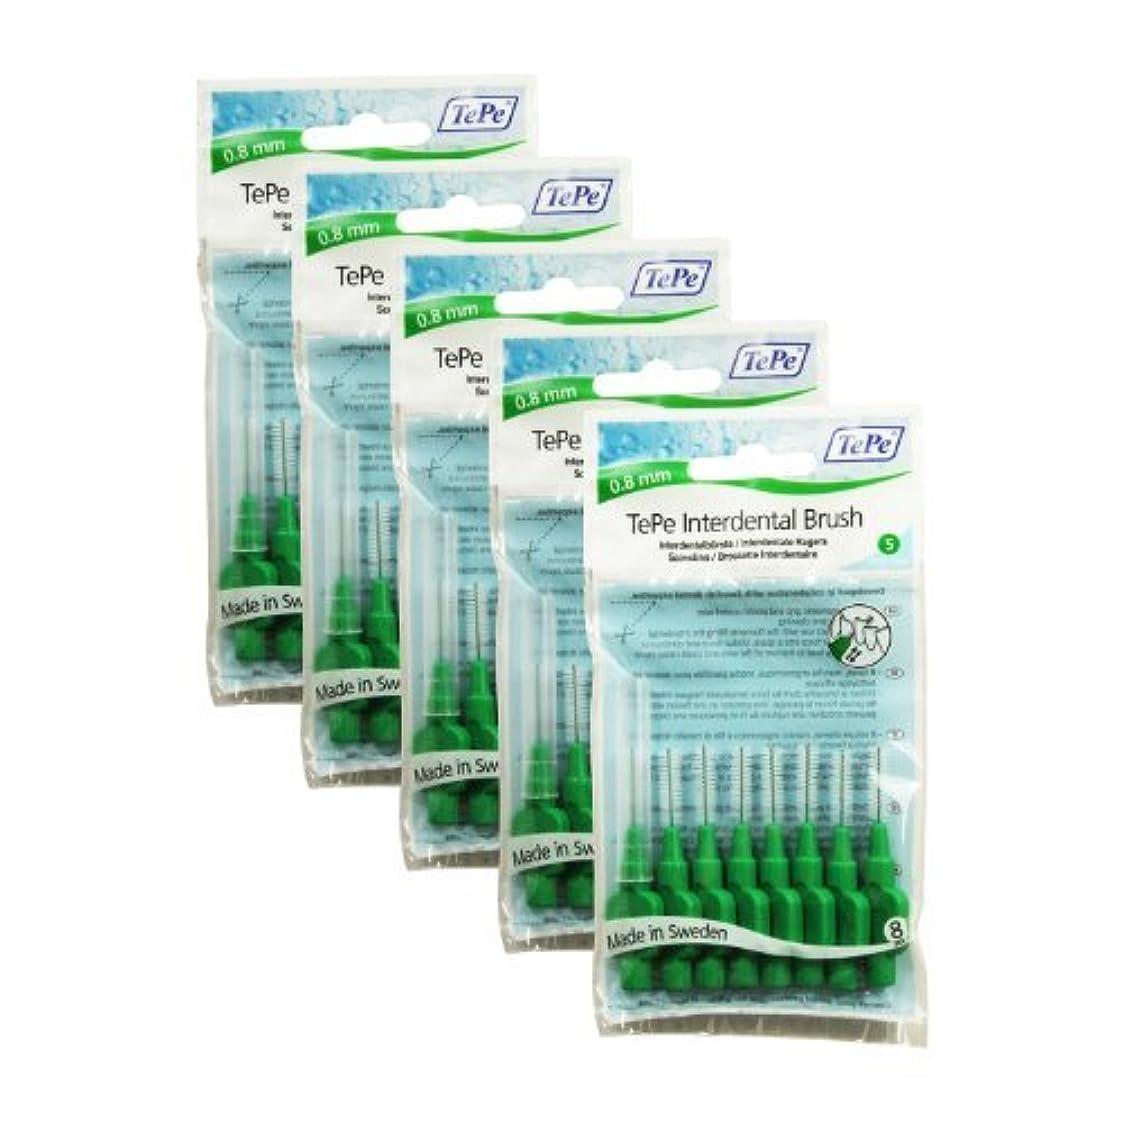 服を片付けるサーキットに行く重量TePe Original Interdental Brushes, Green (0.8 mm), 40 by TePe